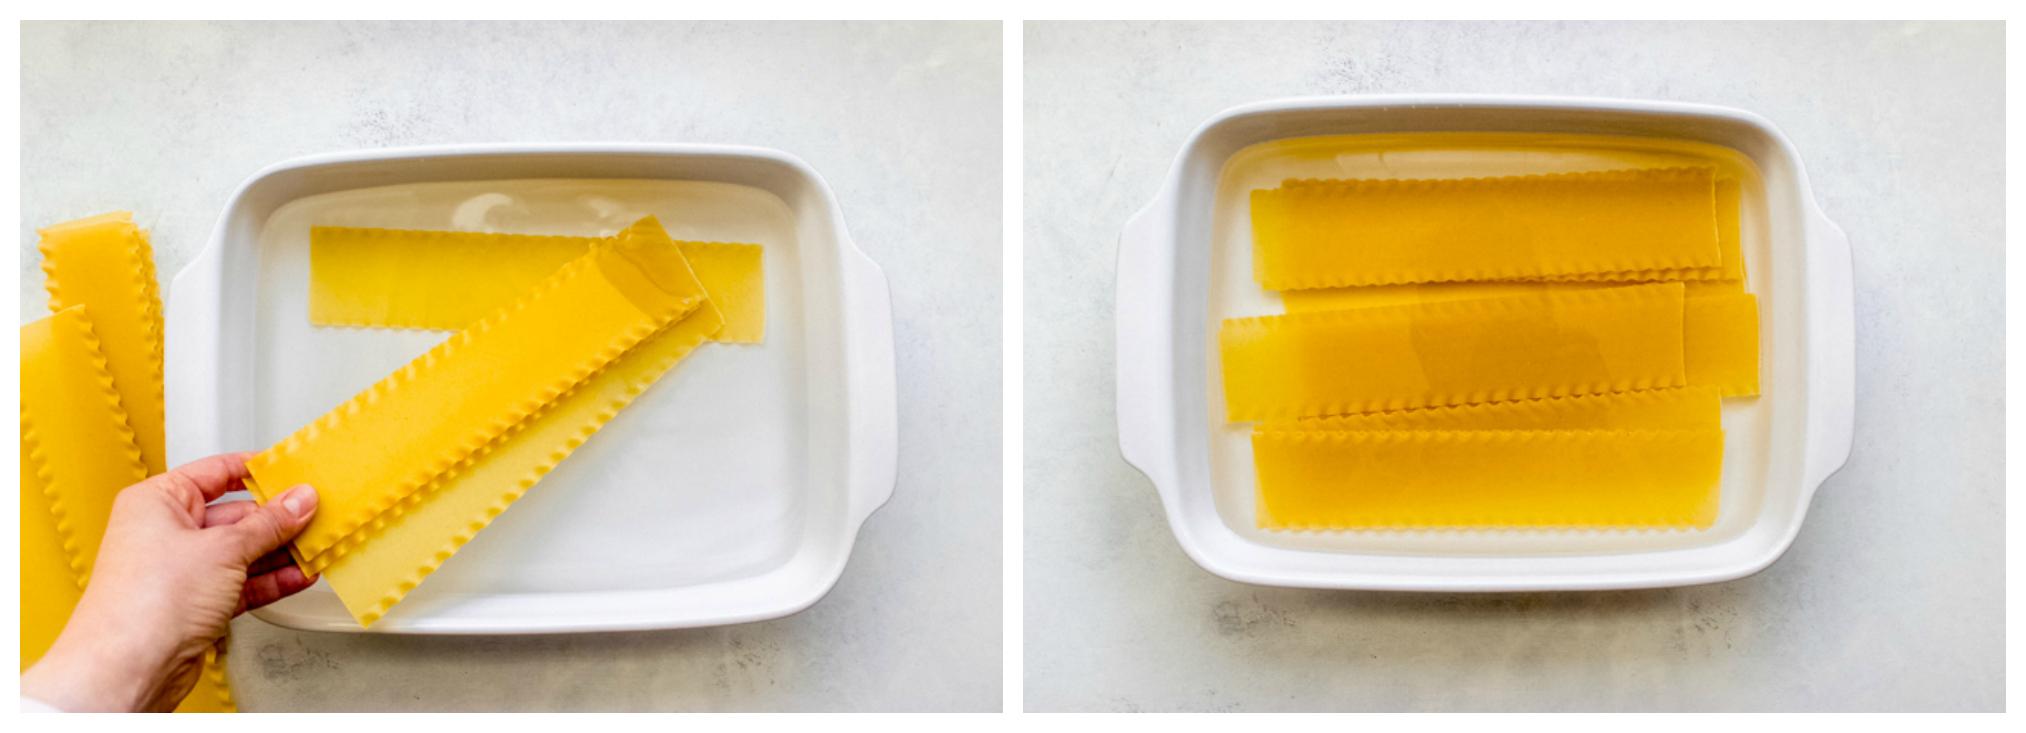 lasagna noodles in a dish